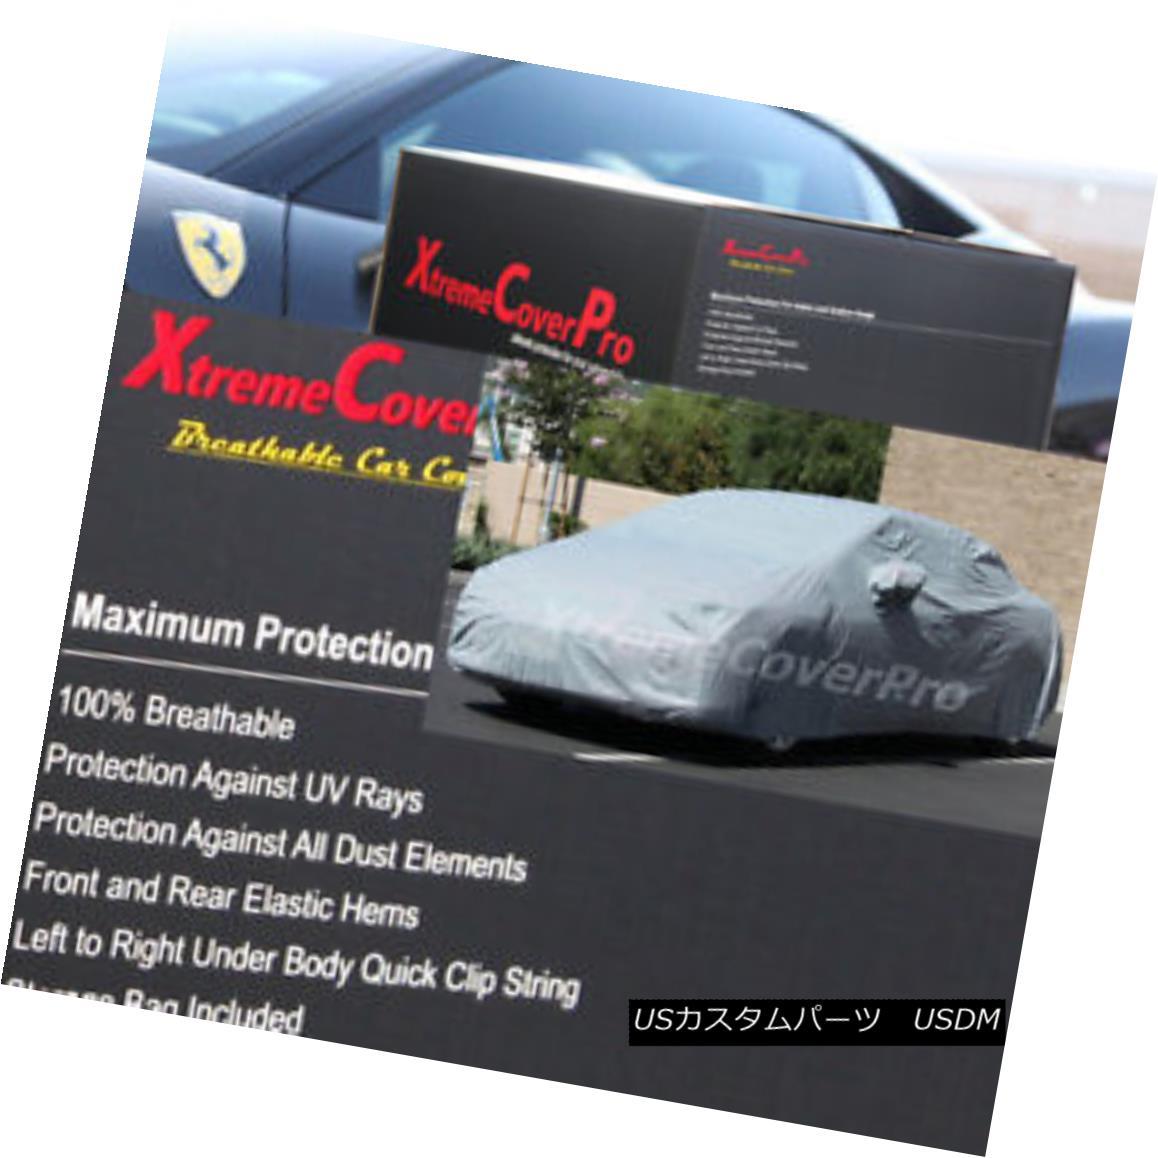 カーカバー 2015 LINCOLN MKS Breathable Car Cover w/Mirror Pockets - Gray 2015 LINCOLN MKS通気性の車カバー、ミラーポケット付き - グレー